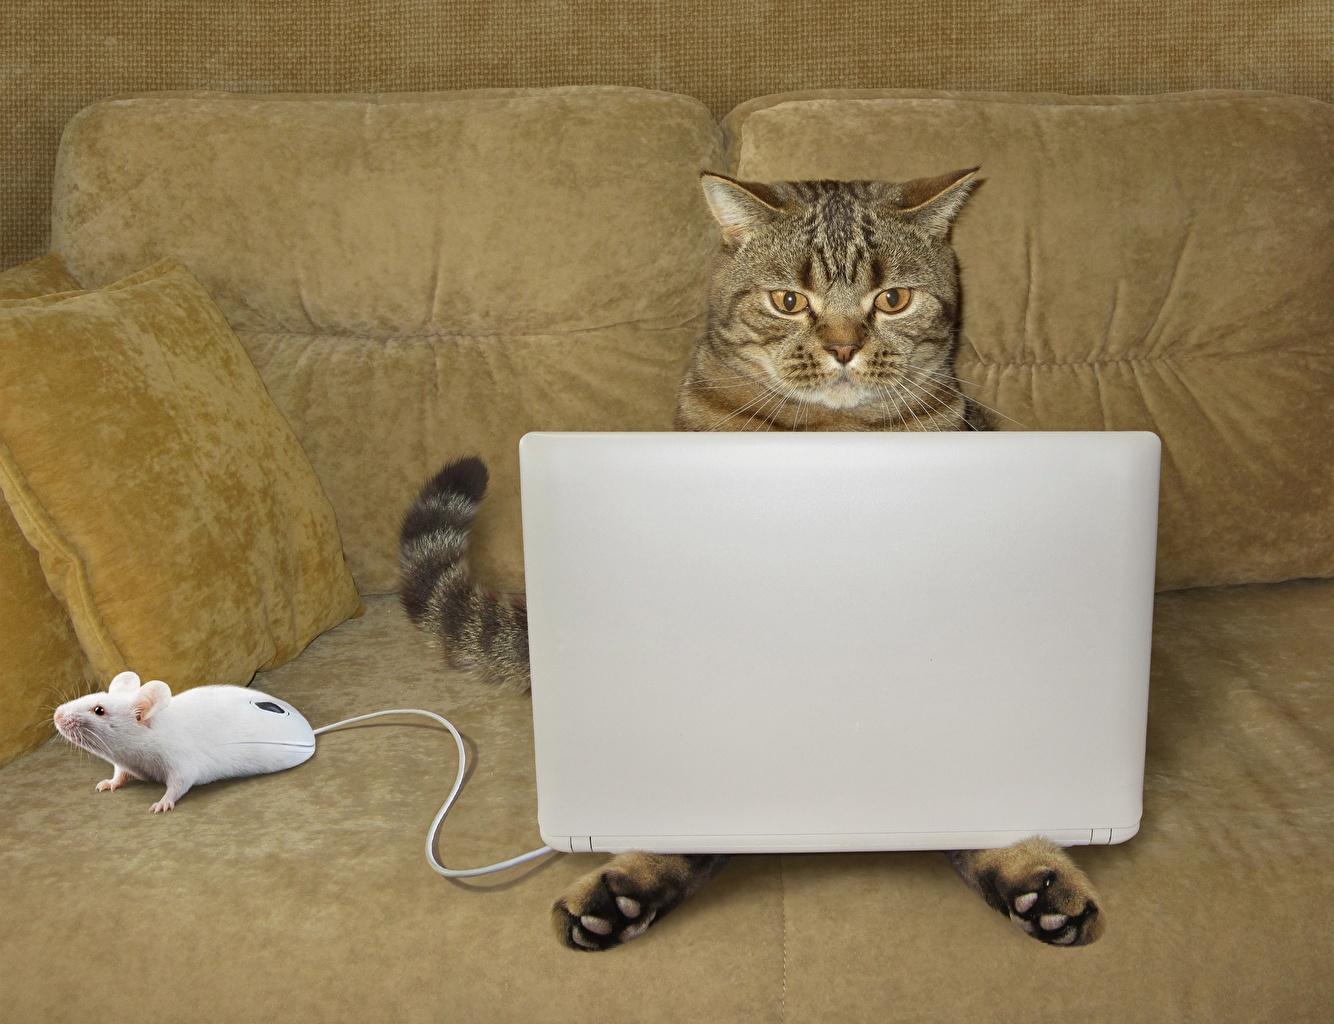 壁紙 飼い猫 ネズミ ノートパソコン ソファ おもしろい 動物